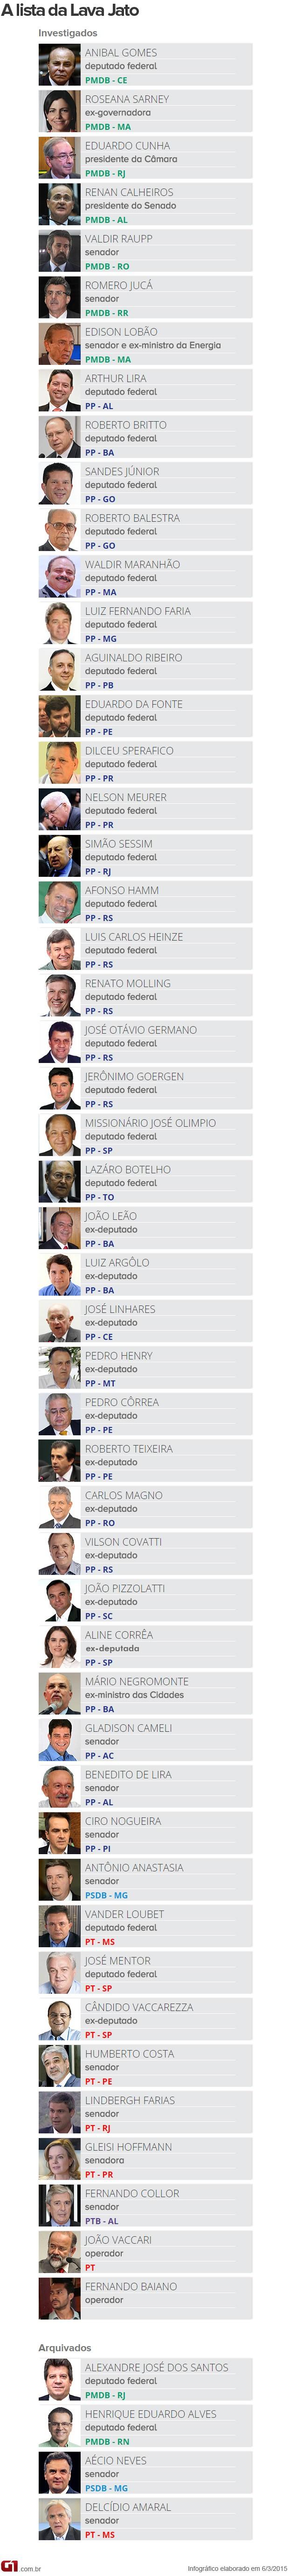 VALE ESTA ARTE - Lista dos políticos investigados na Operação Lava Jato (Foto: Arte/G1)